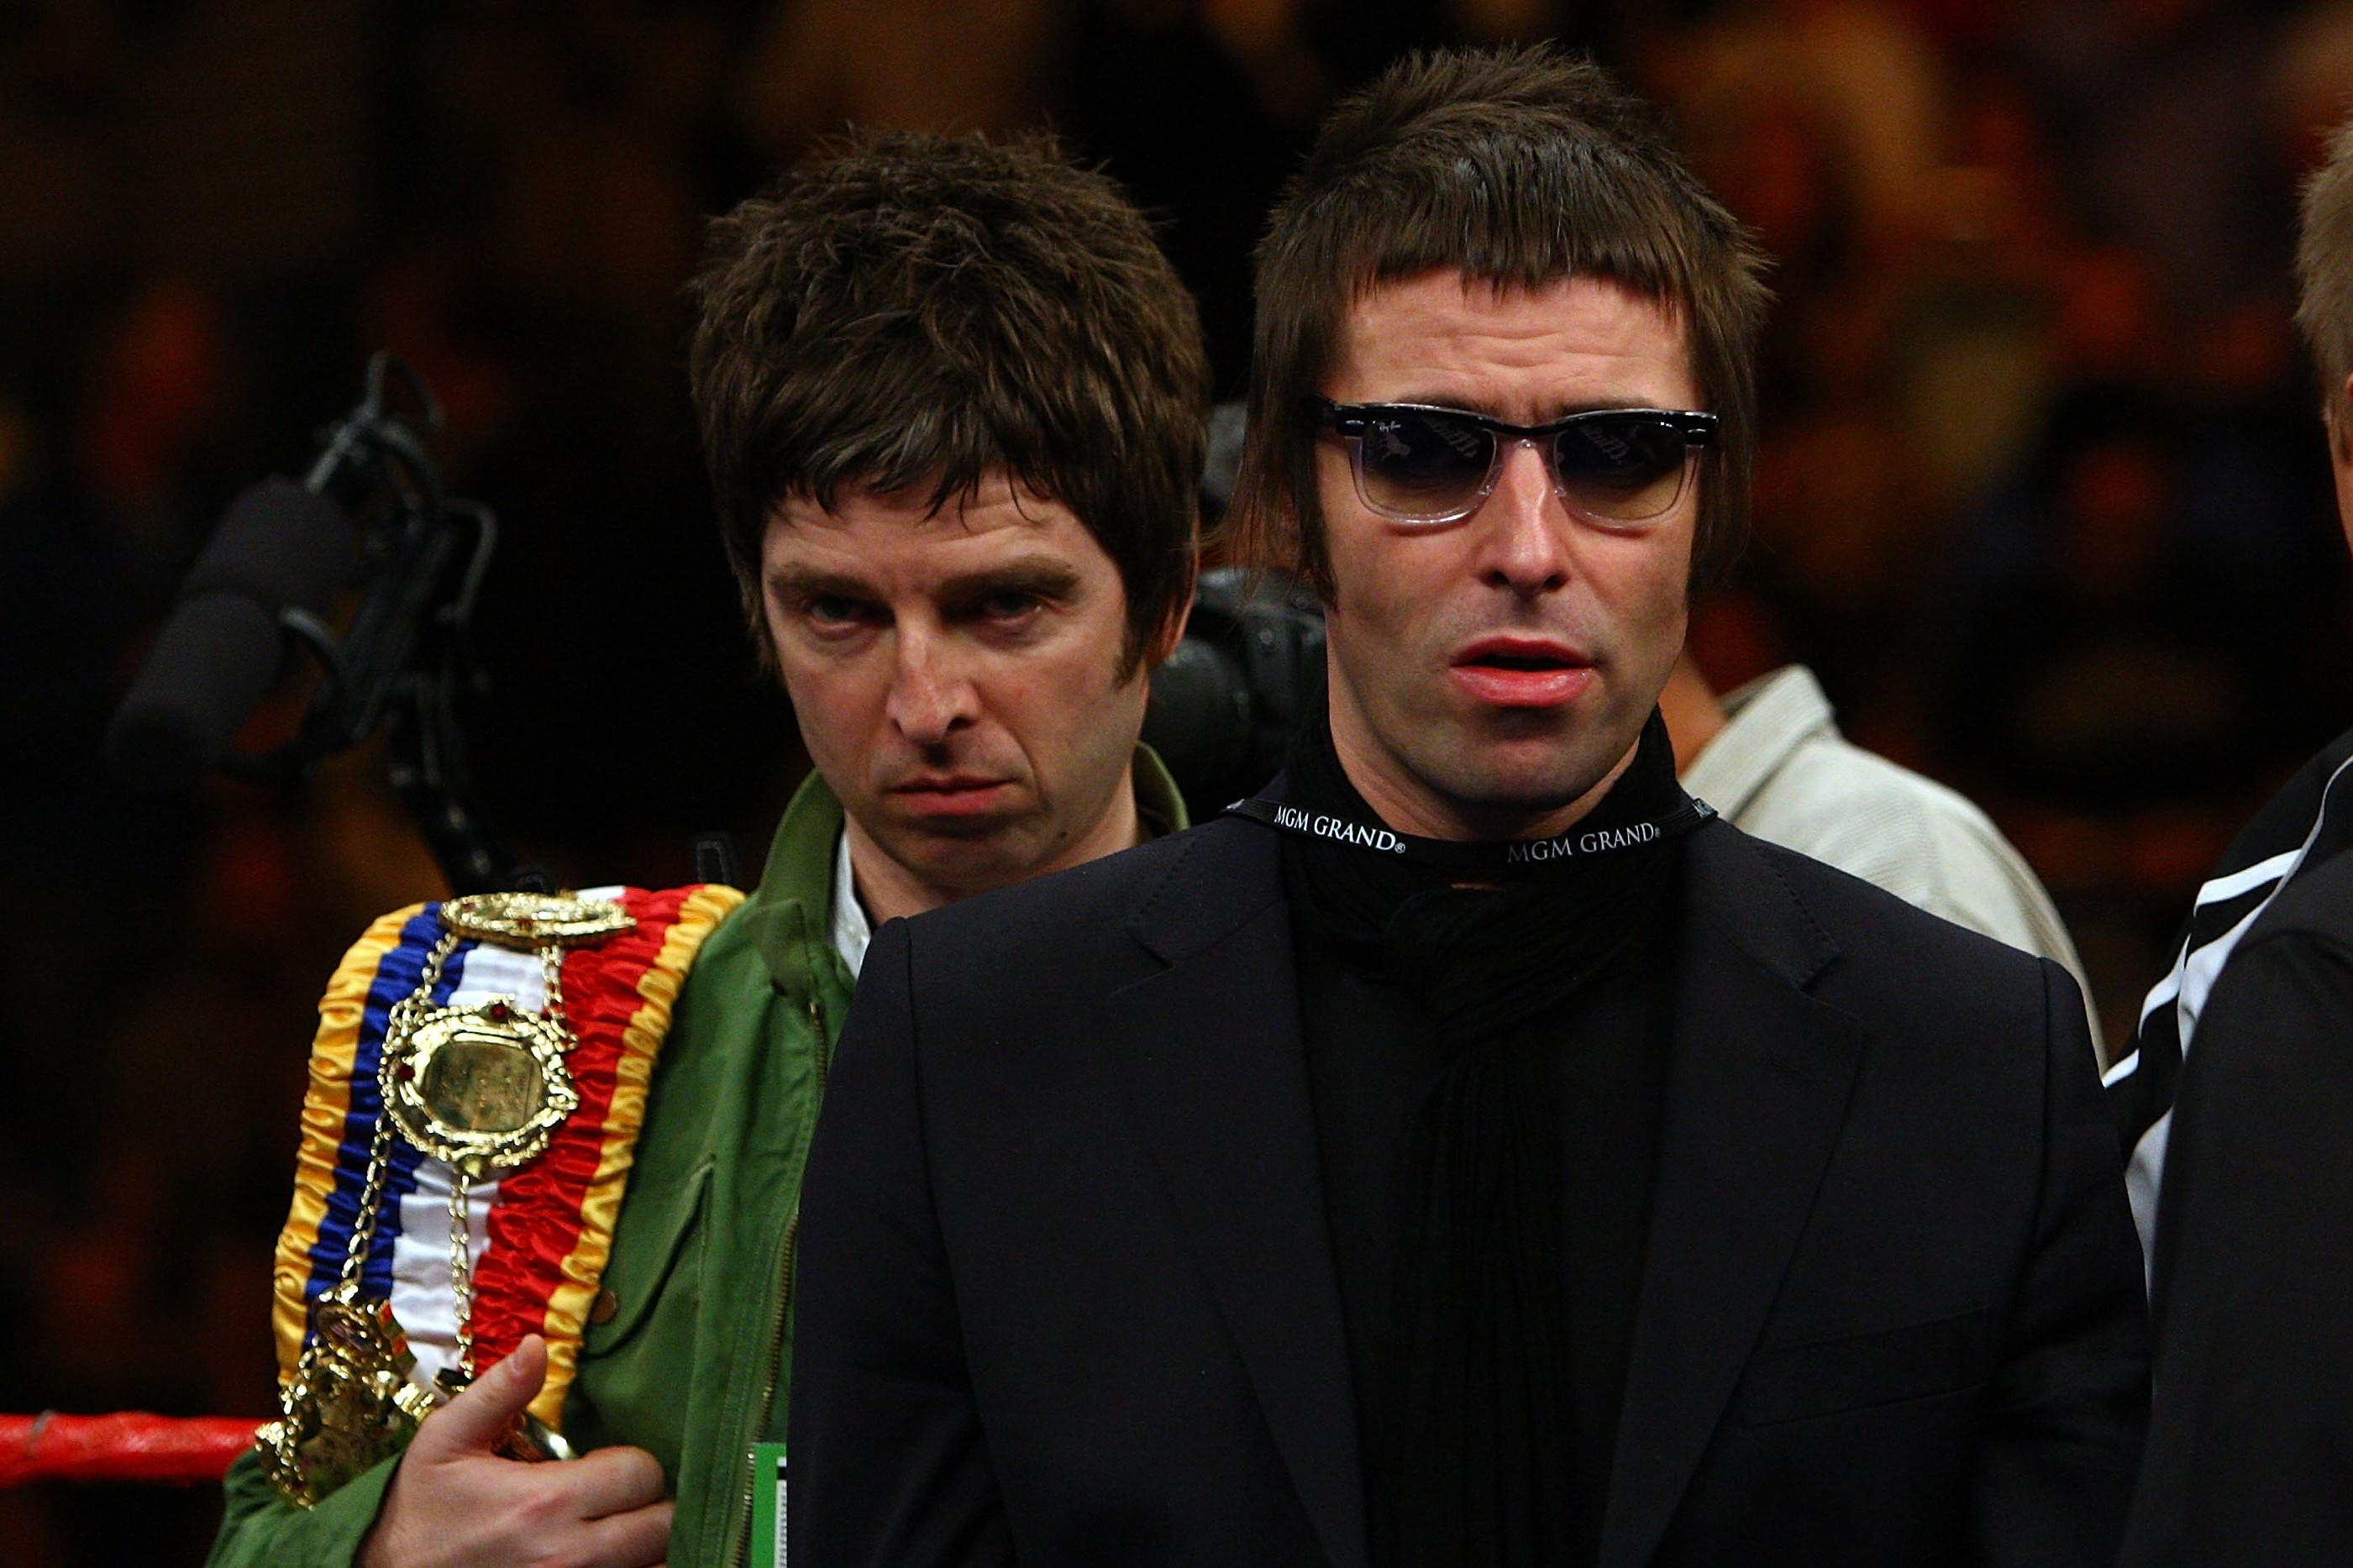 Os irmãos Liam e Noel Gallagher eram membros do Oasis até que, em 2009, após uma enorme briga nos bastidores de um show, a banda de rock acabou, assim como a amizade entre os dois (Foto: Getty Images)